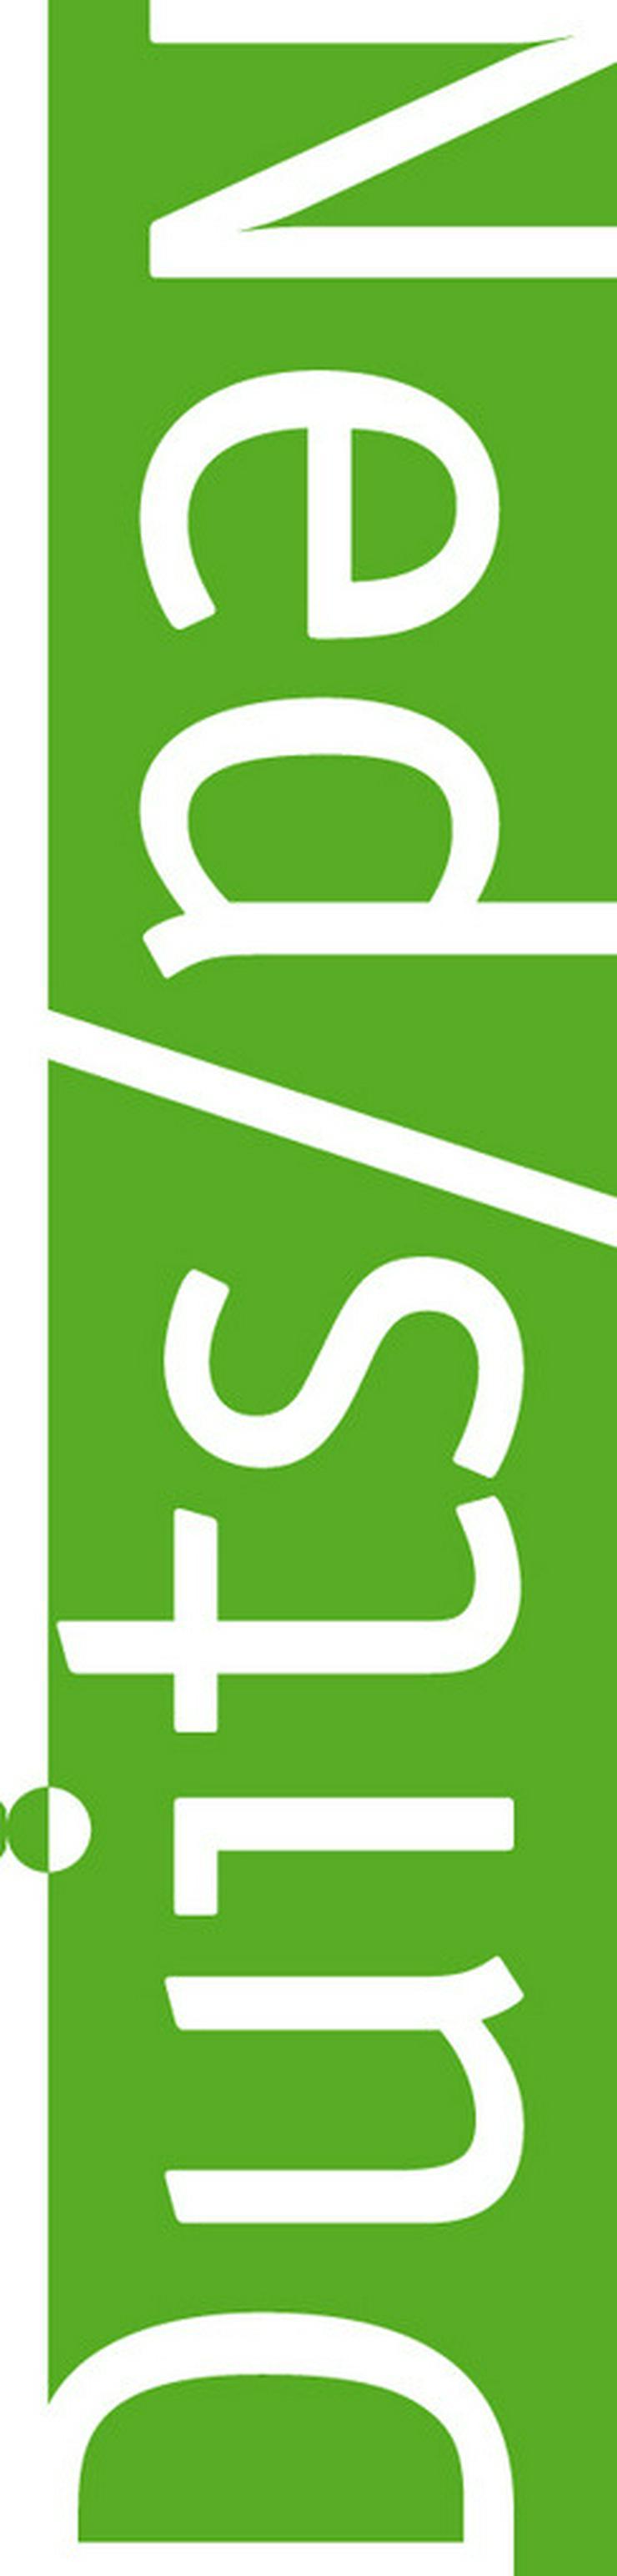 Bild 2: Professionelle Übersetzungen NL/ENG/DE